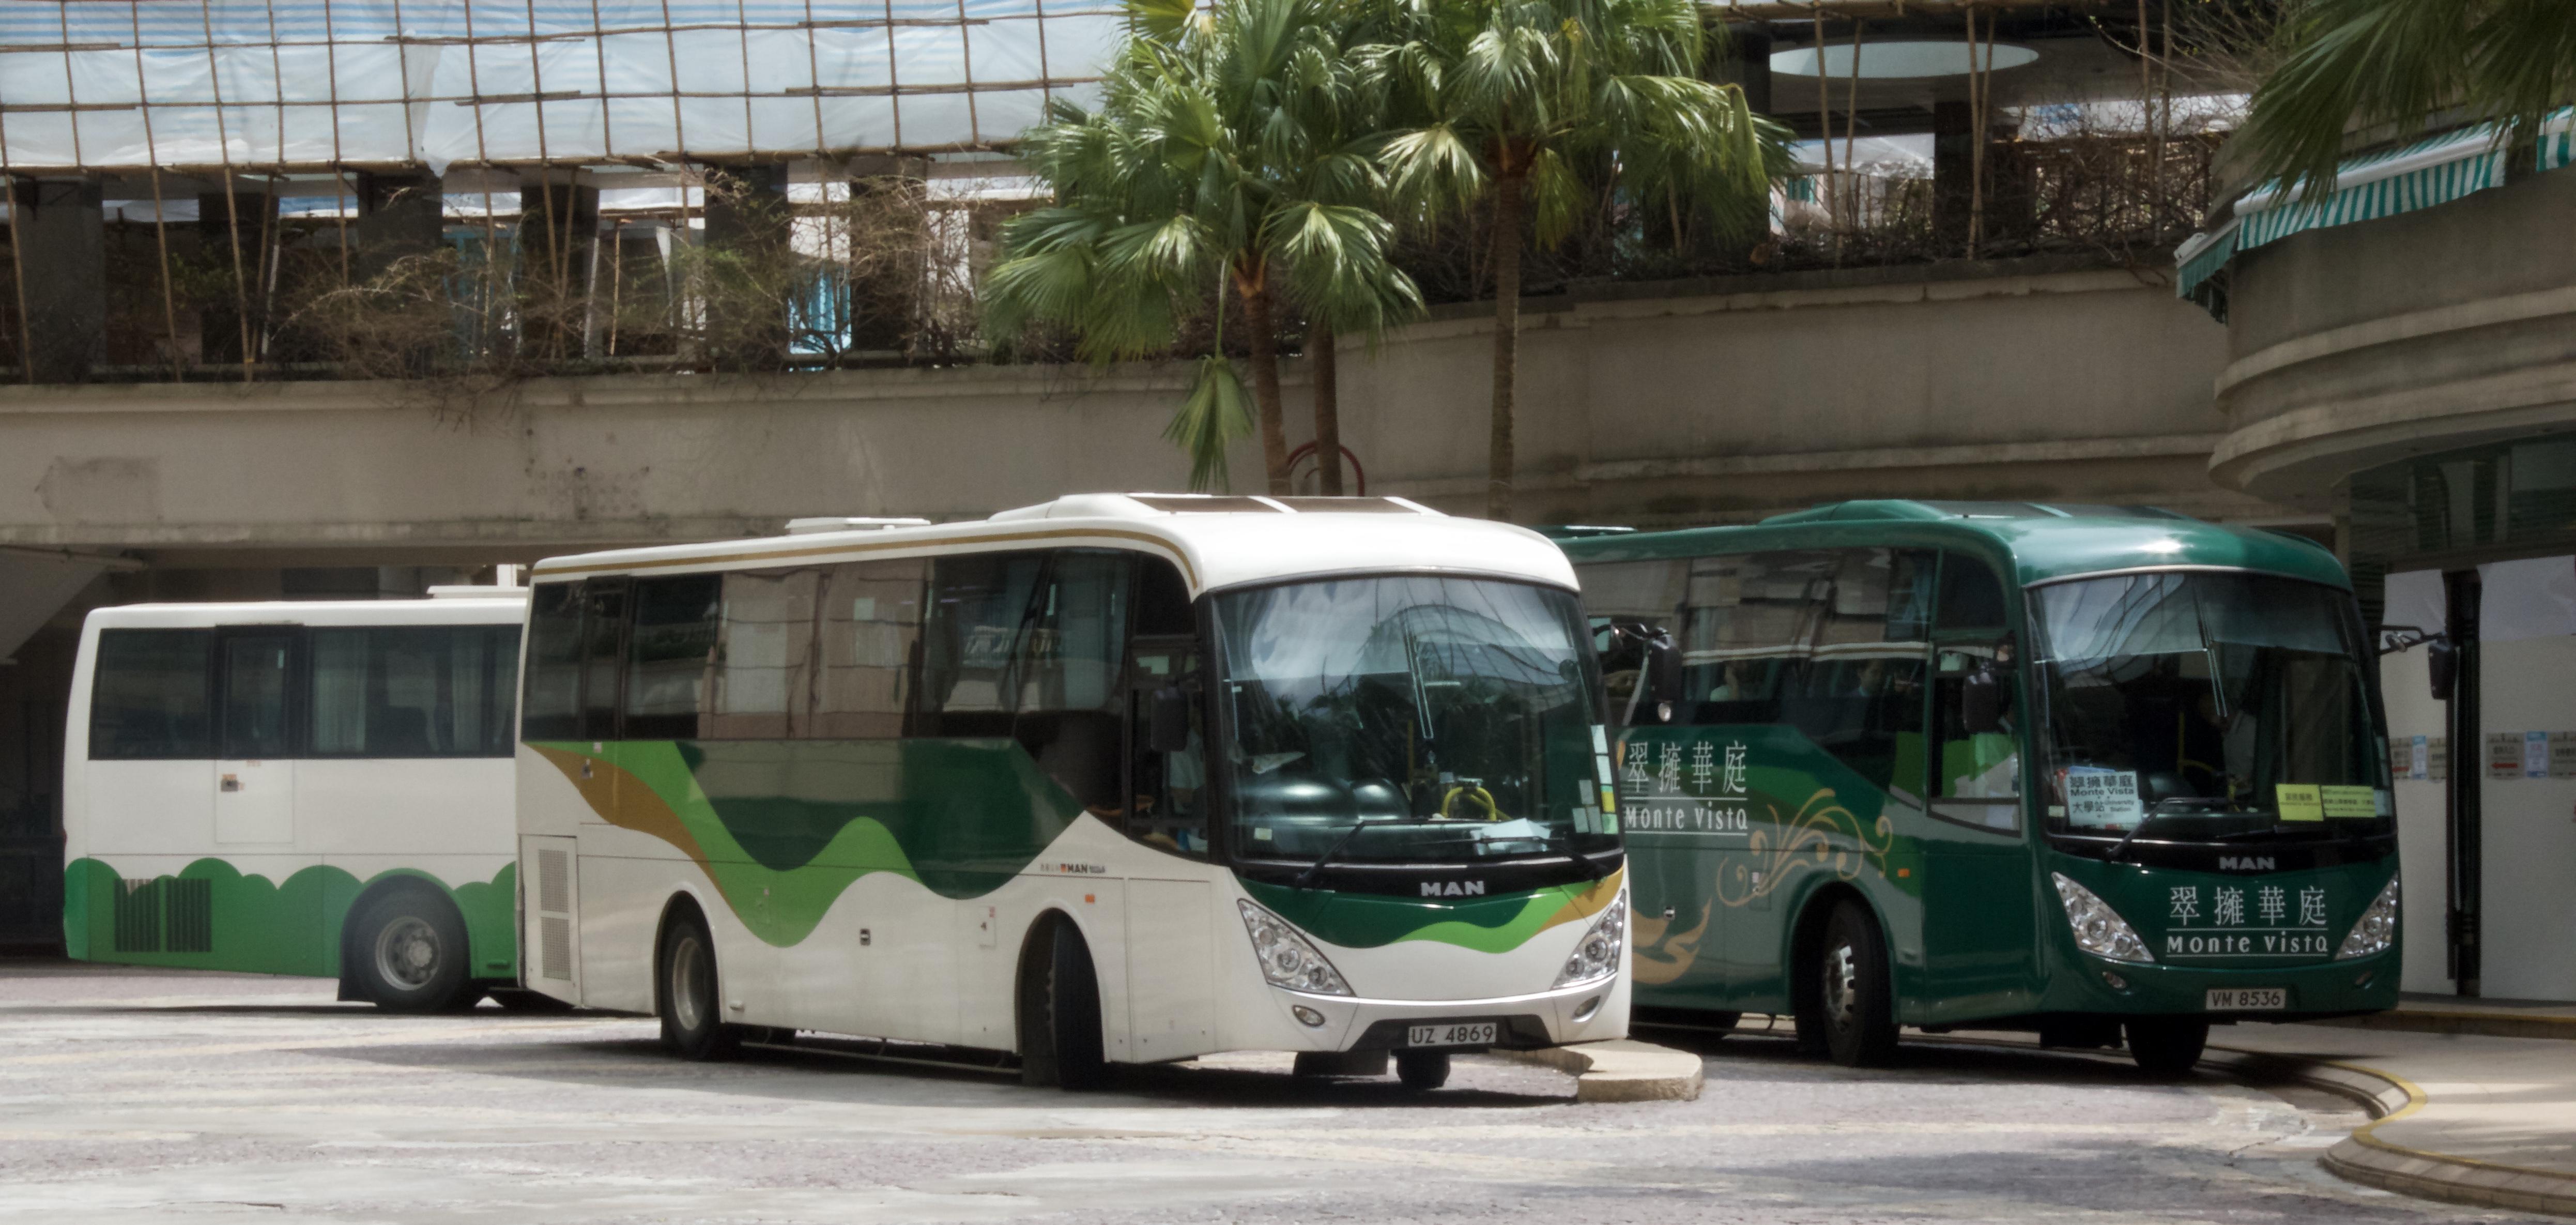 居民巴士NR838線